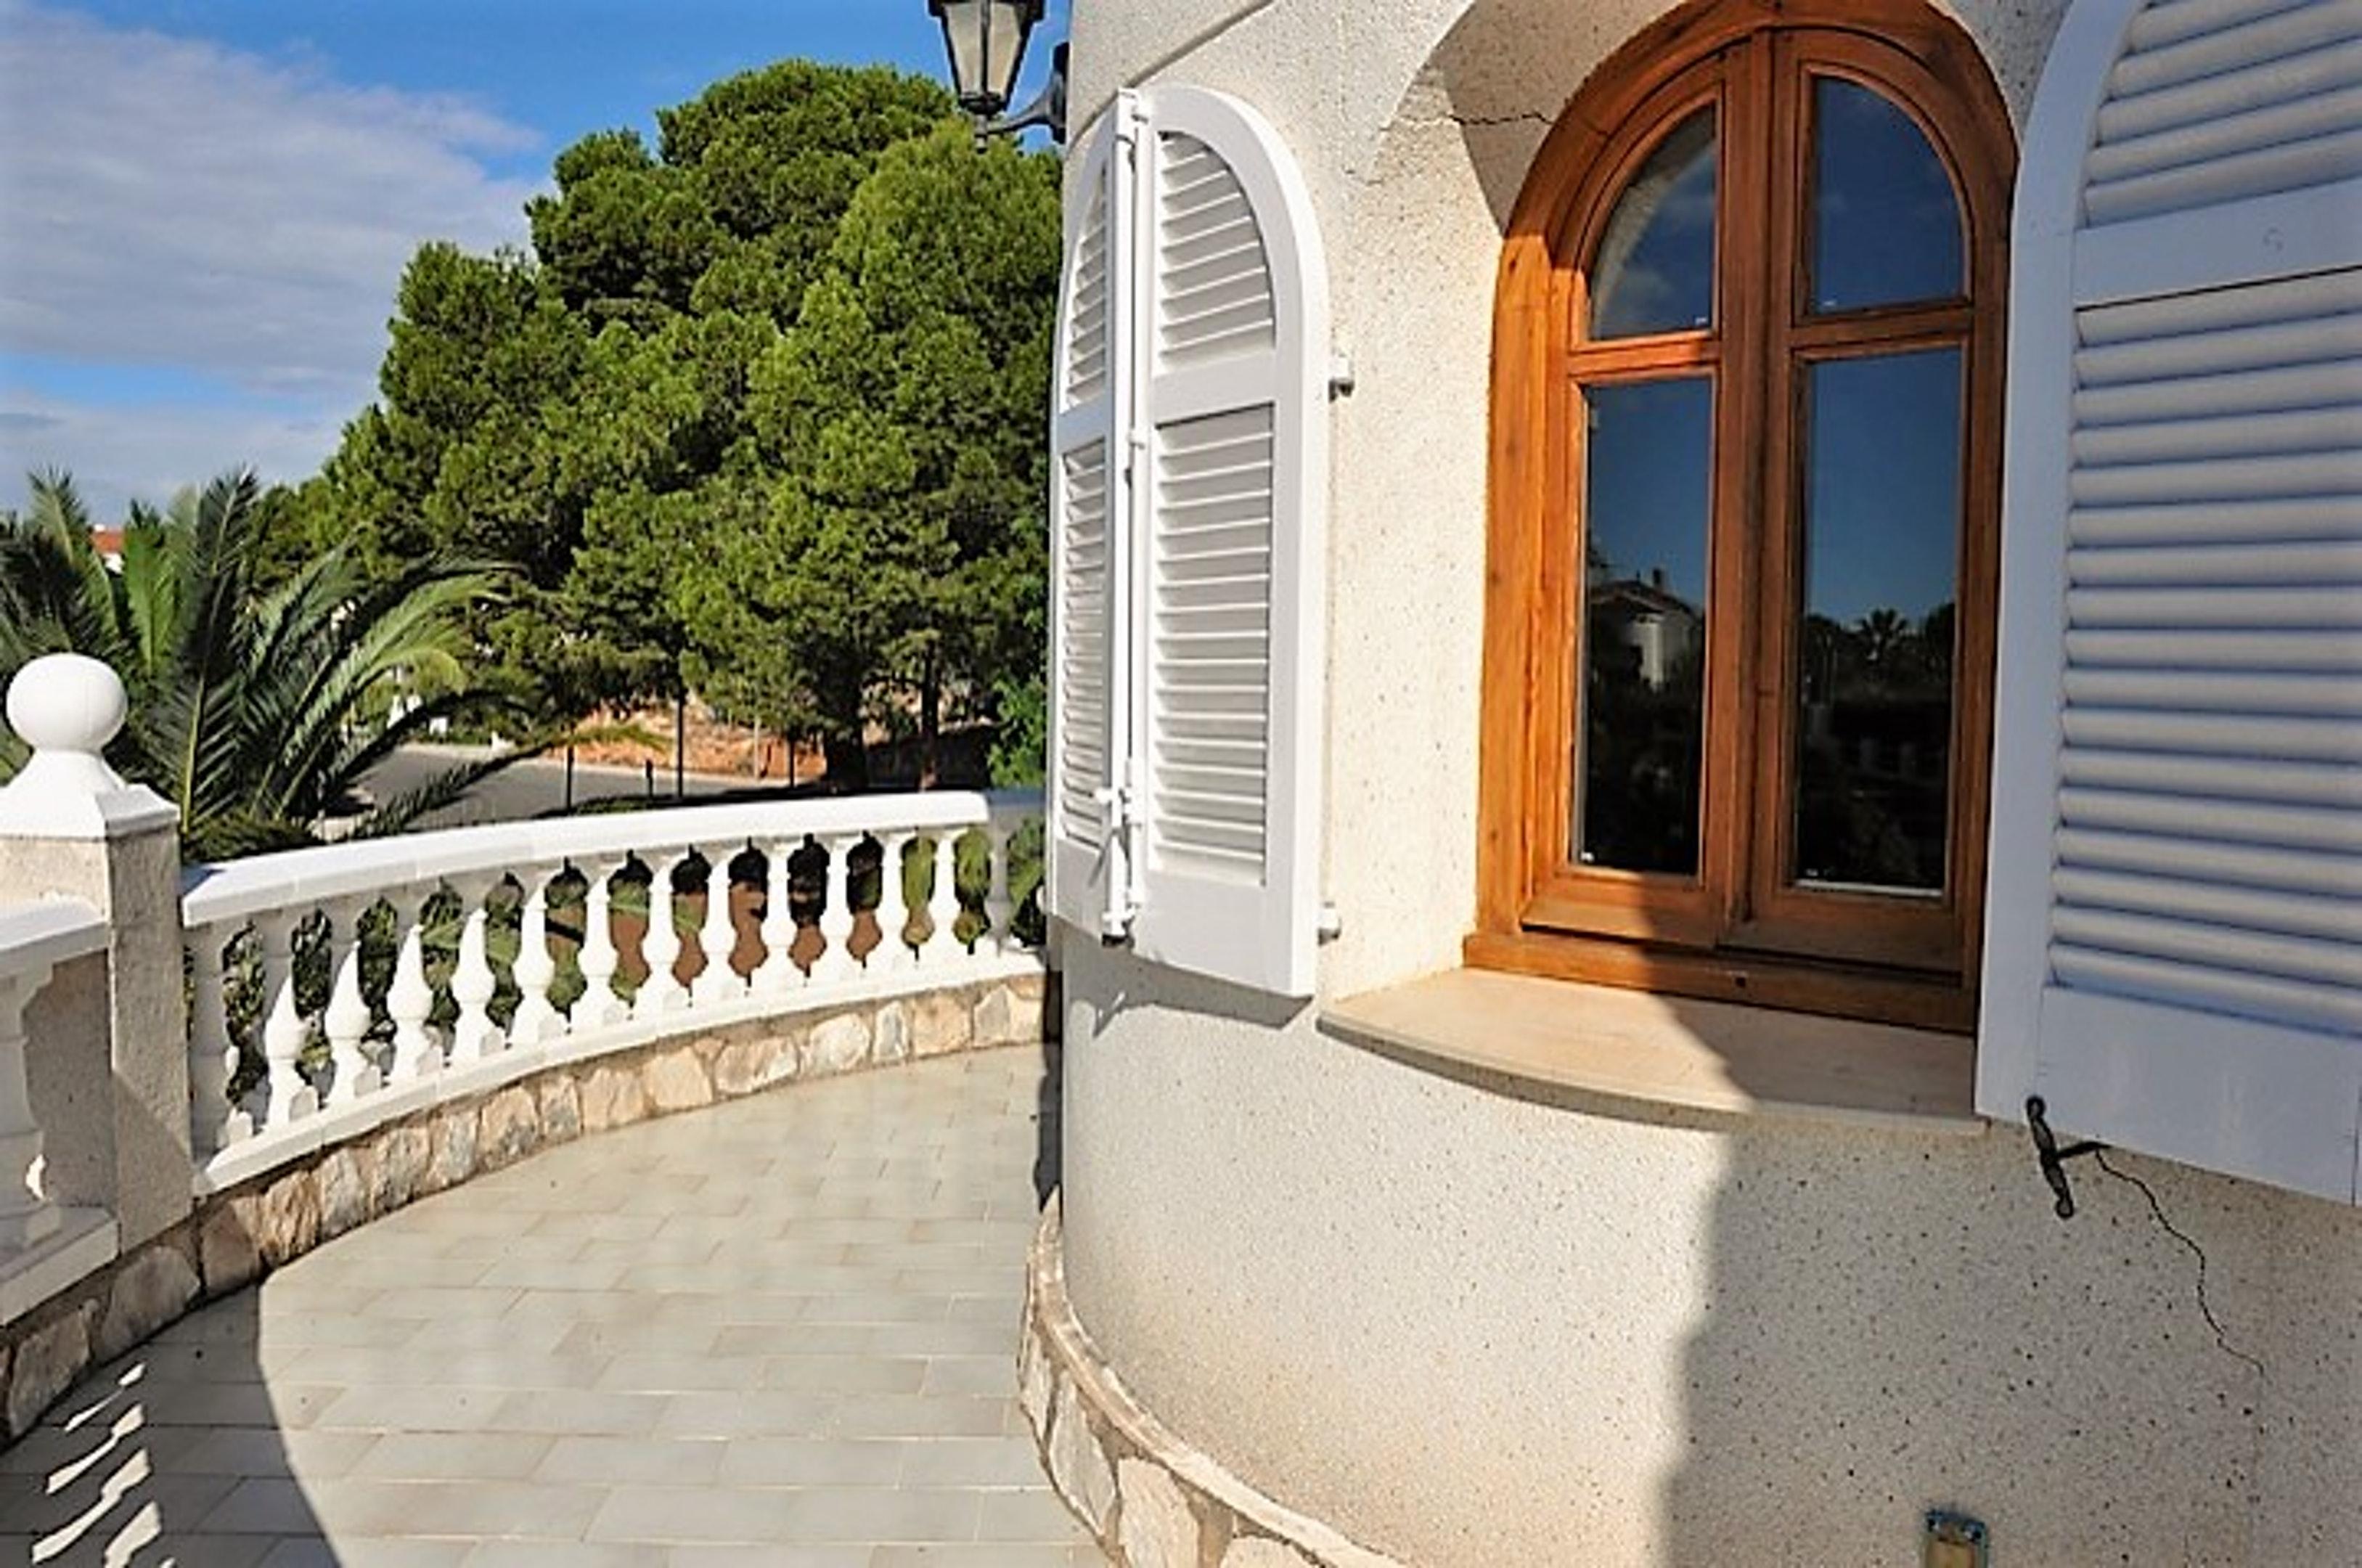 Maison de vacances Villa mit 3 Schlafzimmern in Ampolla mit herrlichem Meerblick, privatem Pool, möbliertem G (2201036), L'Ampolla, Costa Dorada, Catalogne, Espagne, image 3